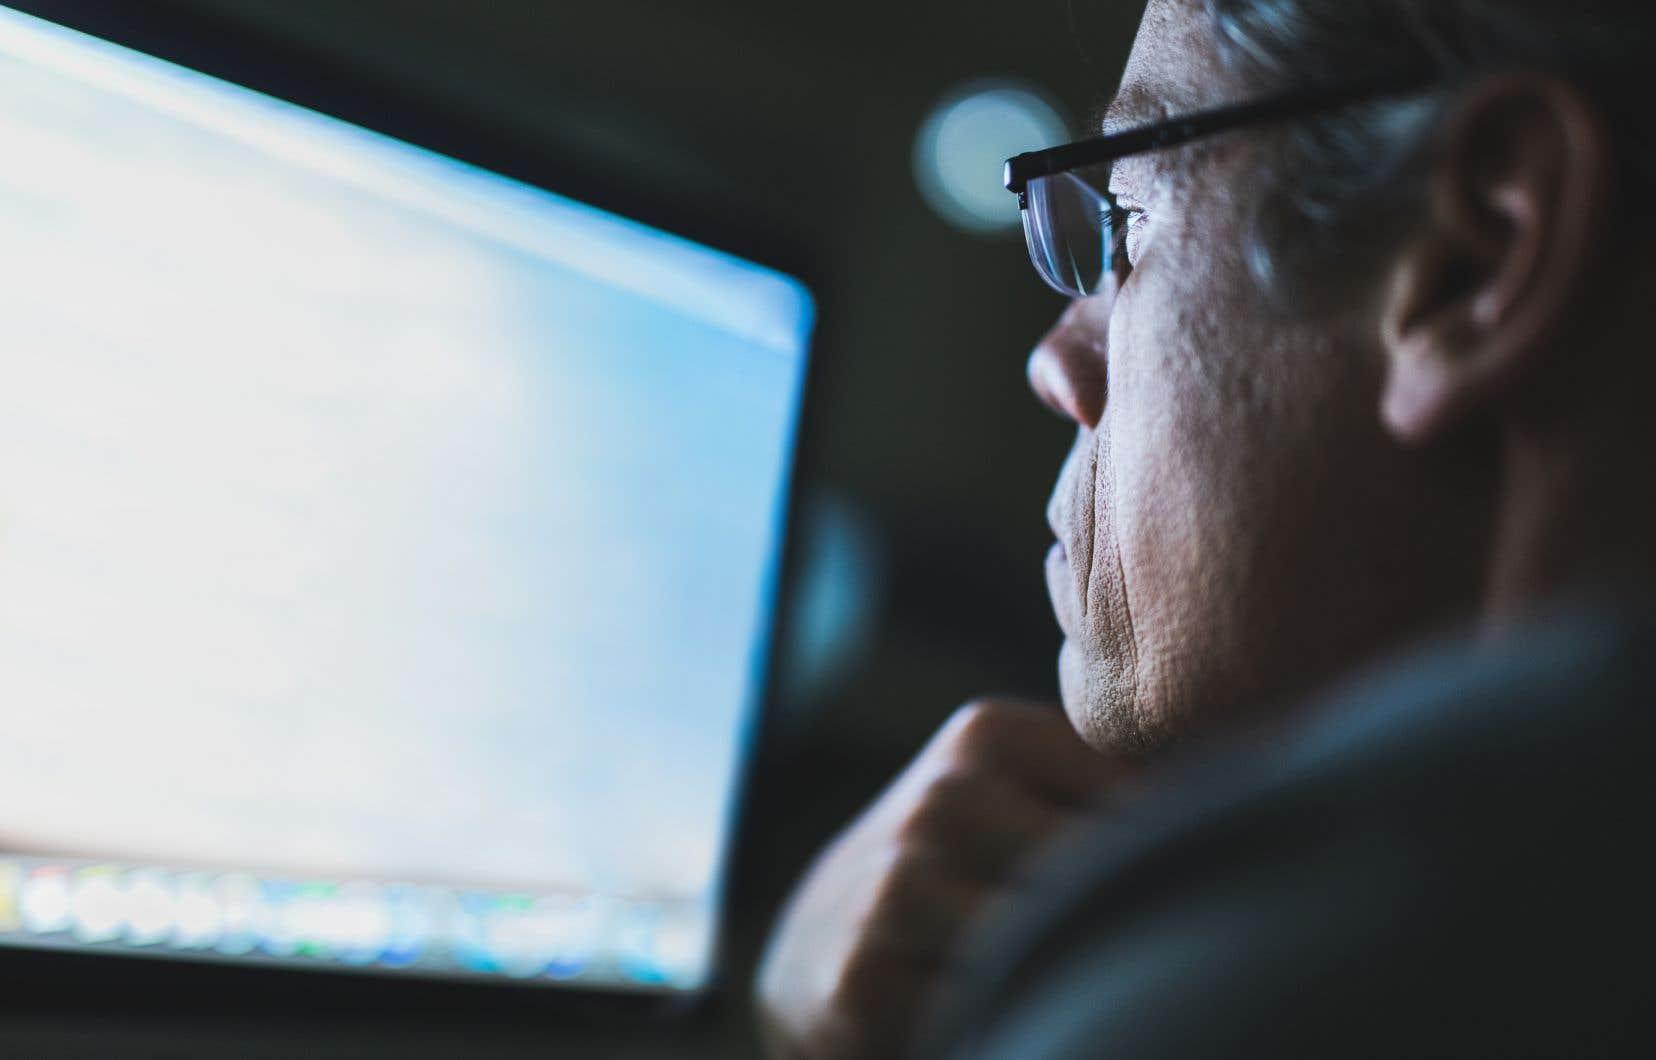 Une autre barrière se dresse devant les analphabètes: l'acquisition des compétences informatiques de base pour maintenir leur productivité.